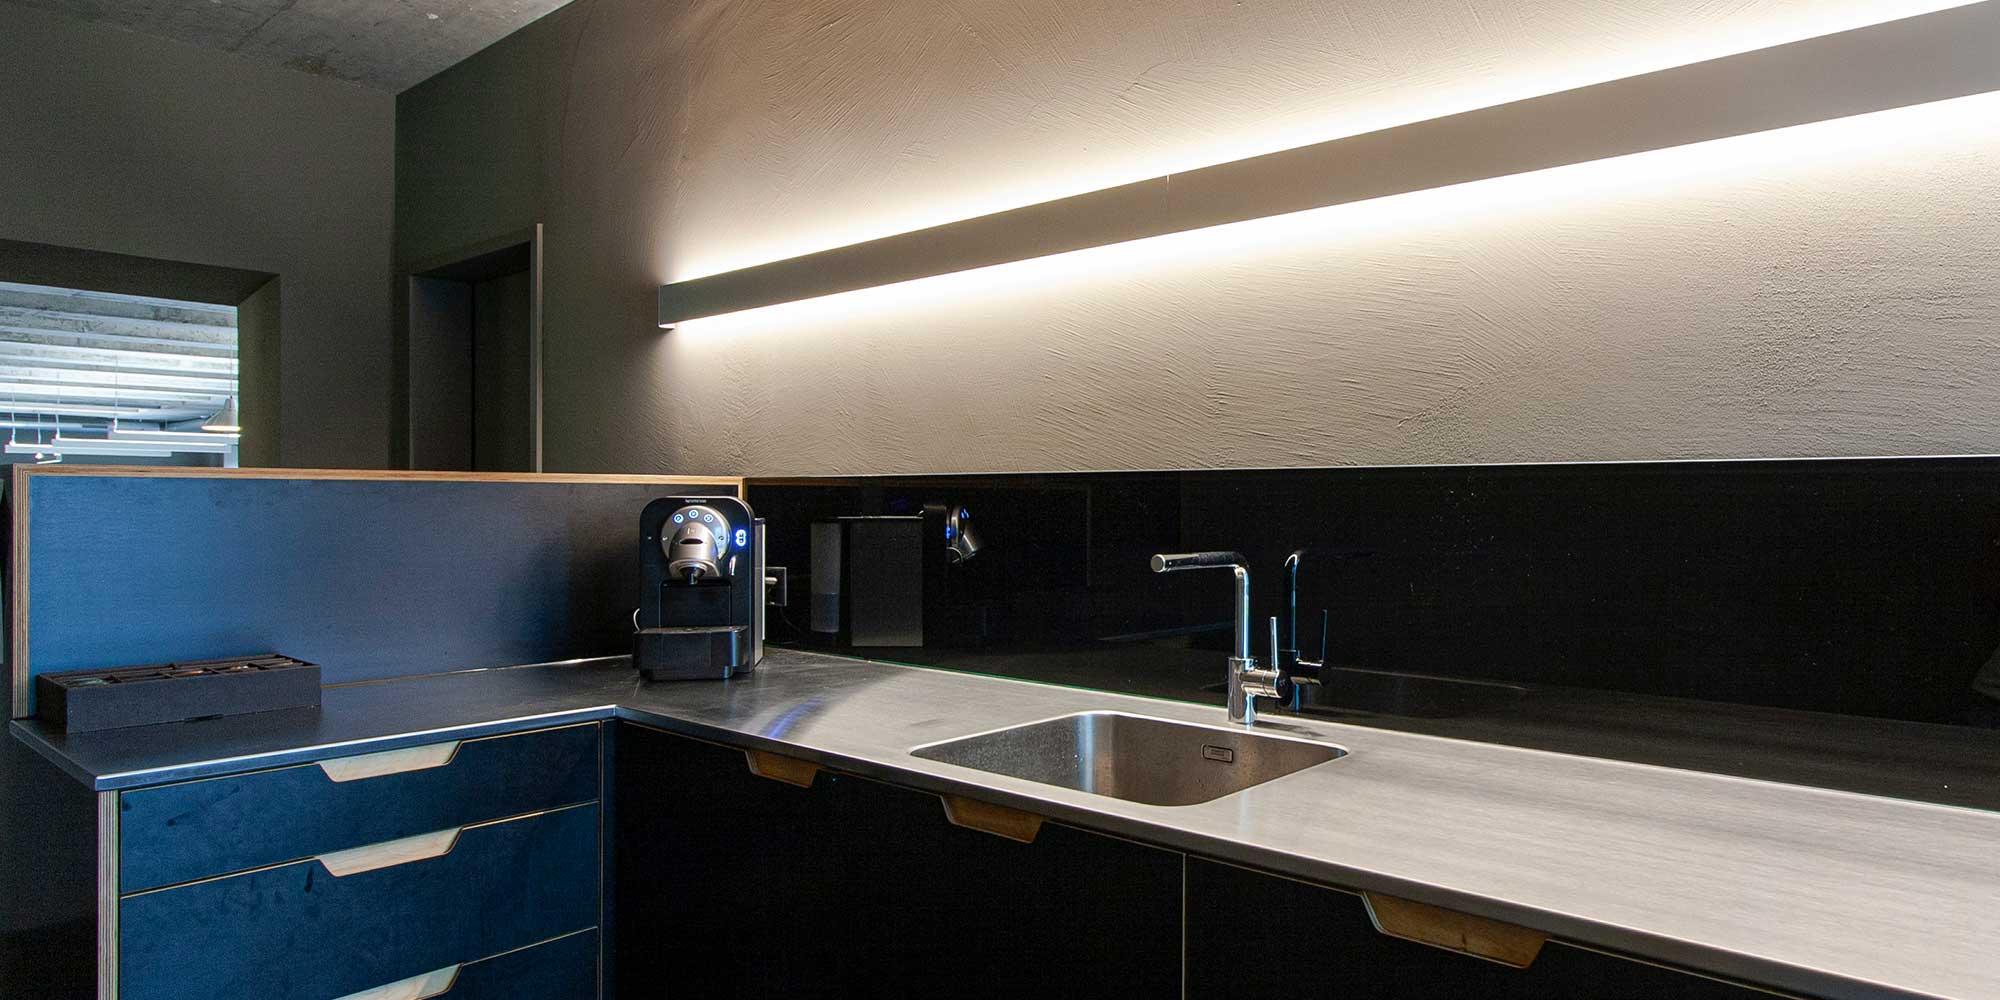 Küchebeleuchtung indirekt mit matric Wandleuchte